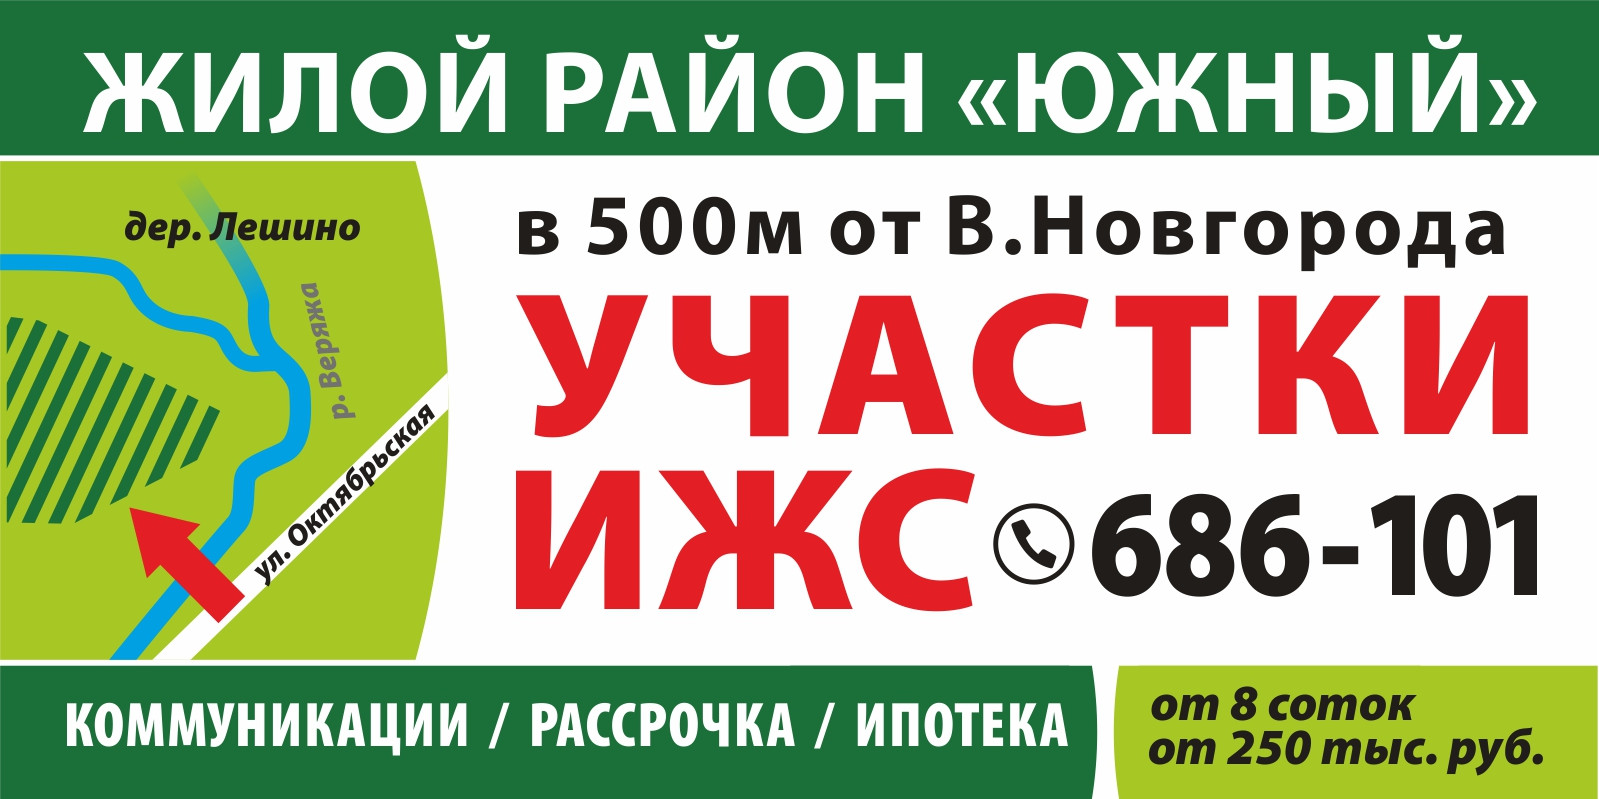 Продажа участков в Новгородском районе, в 0.5 км от Великого Новгорода, от 8 соток, от 250 тыс.руб., т. 8(8162)68-61-01